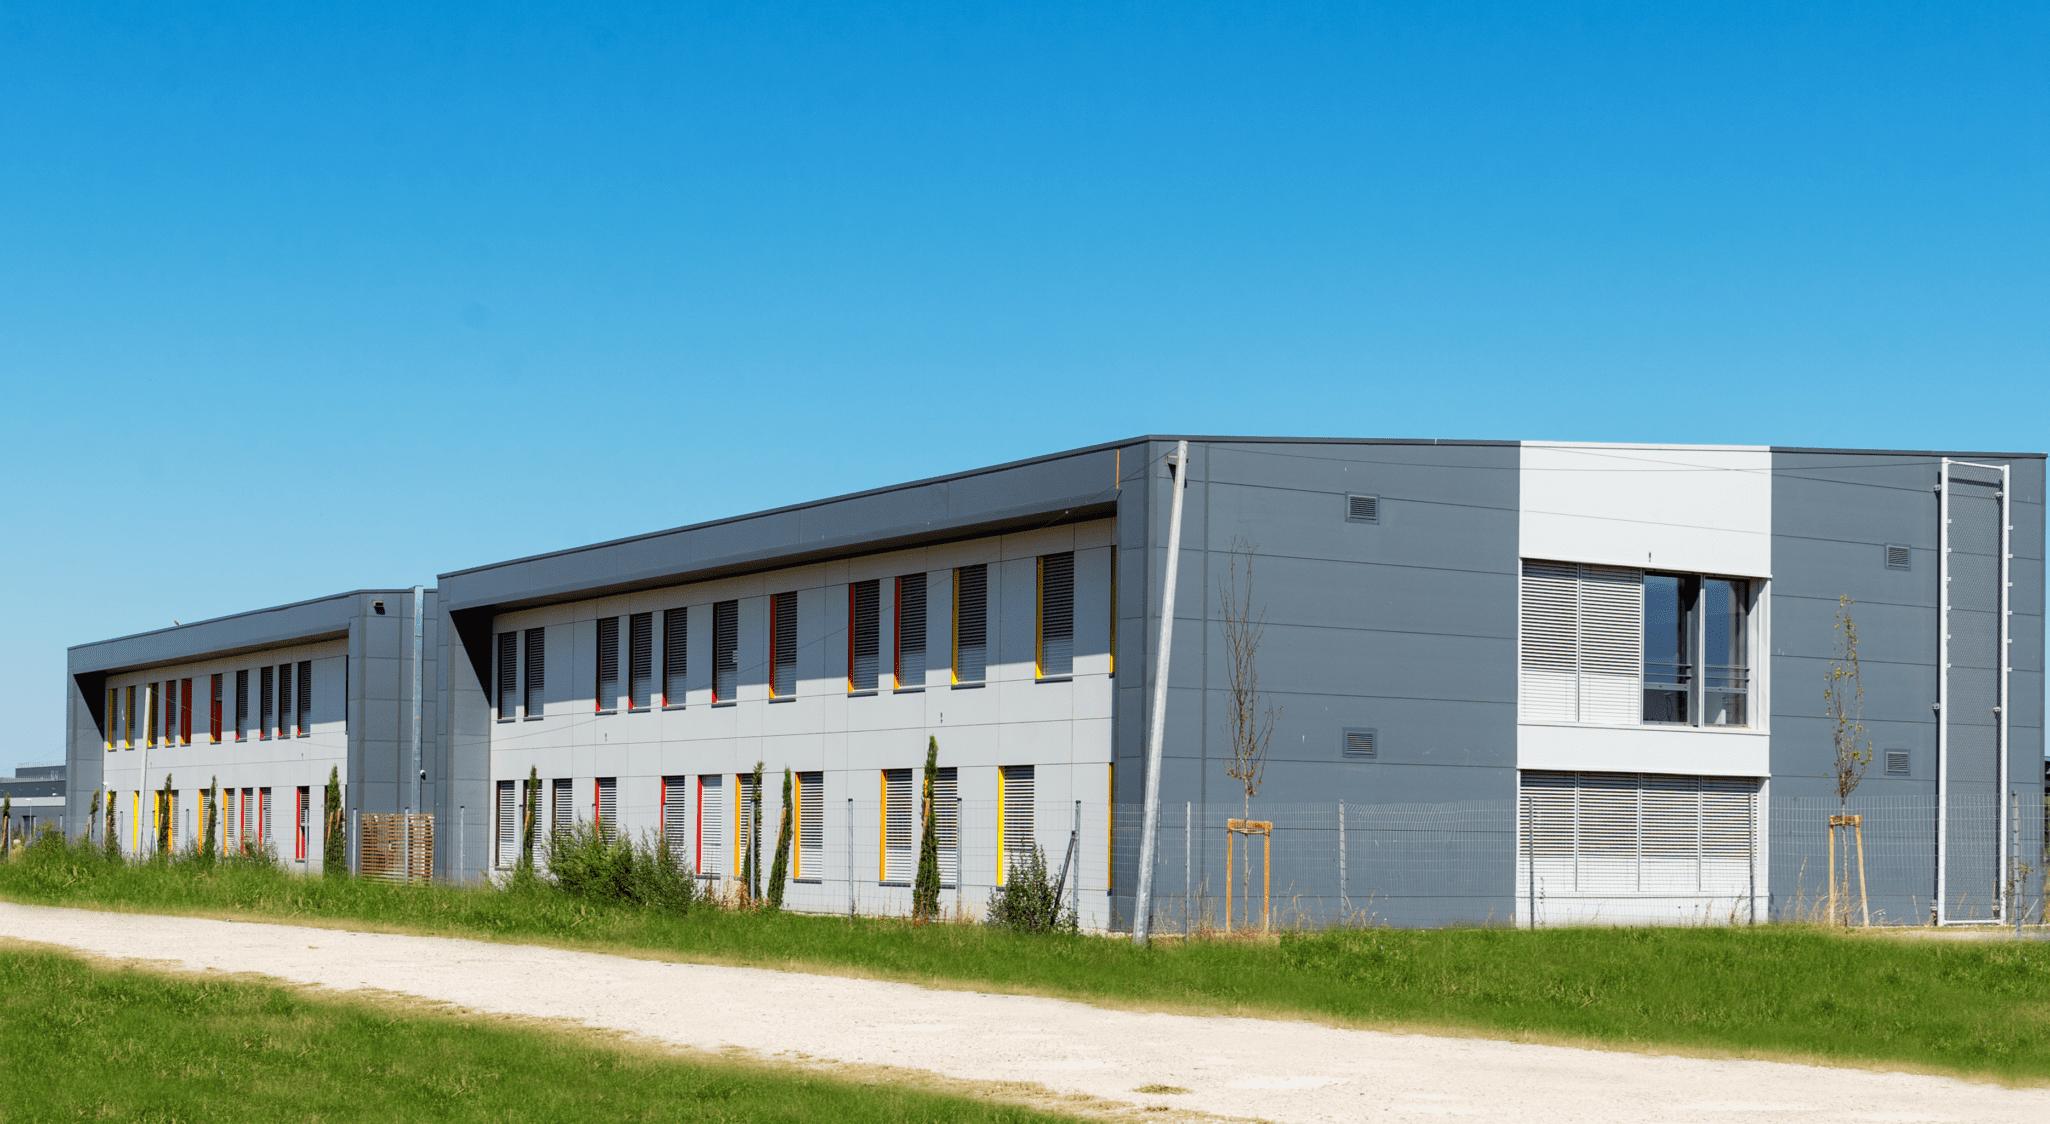 GSE présente une nouvelle génération de bâtiments éco-responsables avec la construction du projet CECODIA PIPER